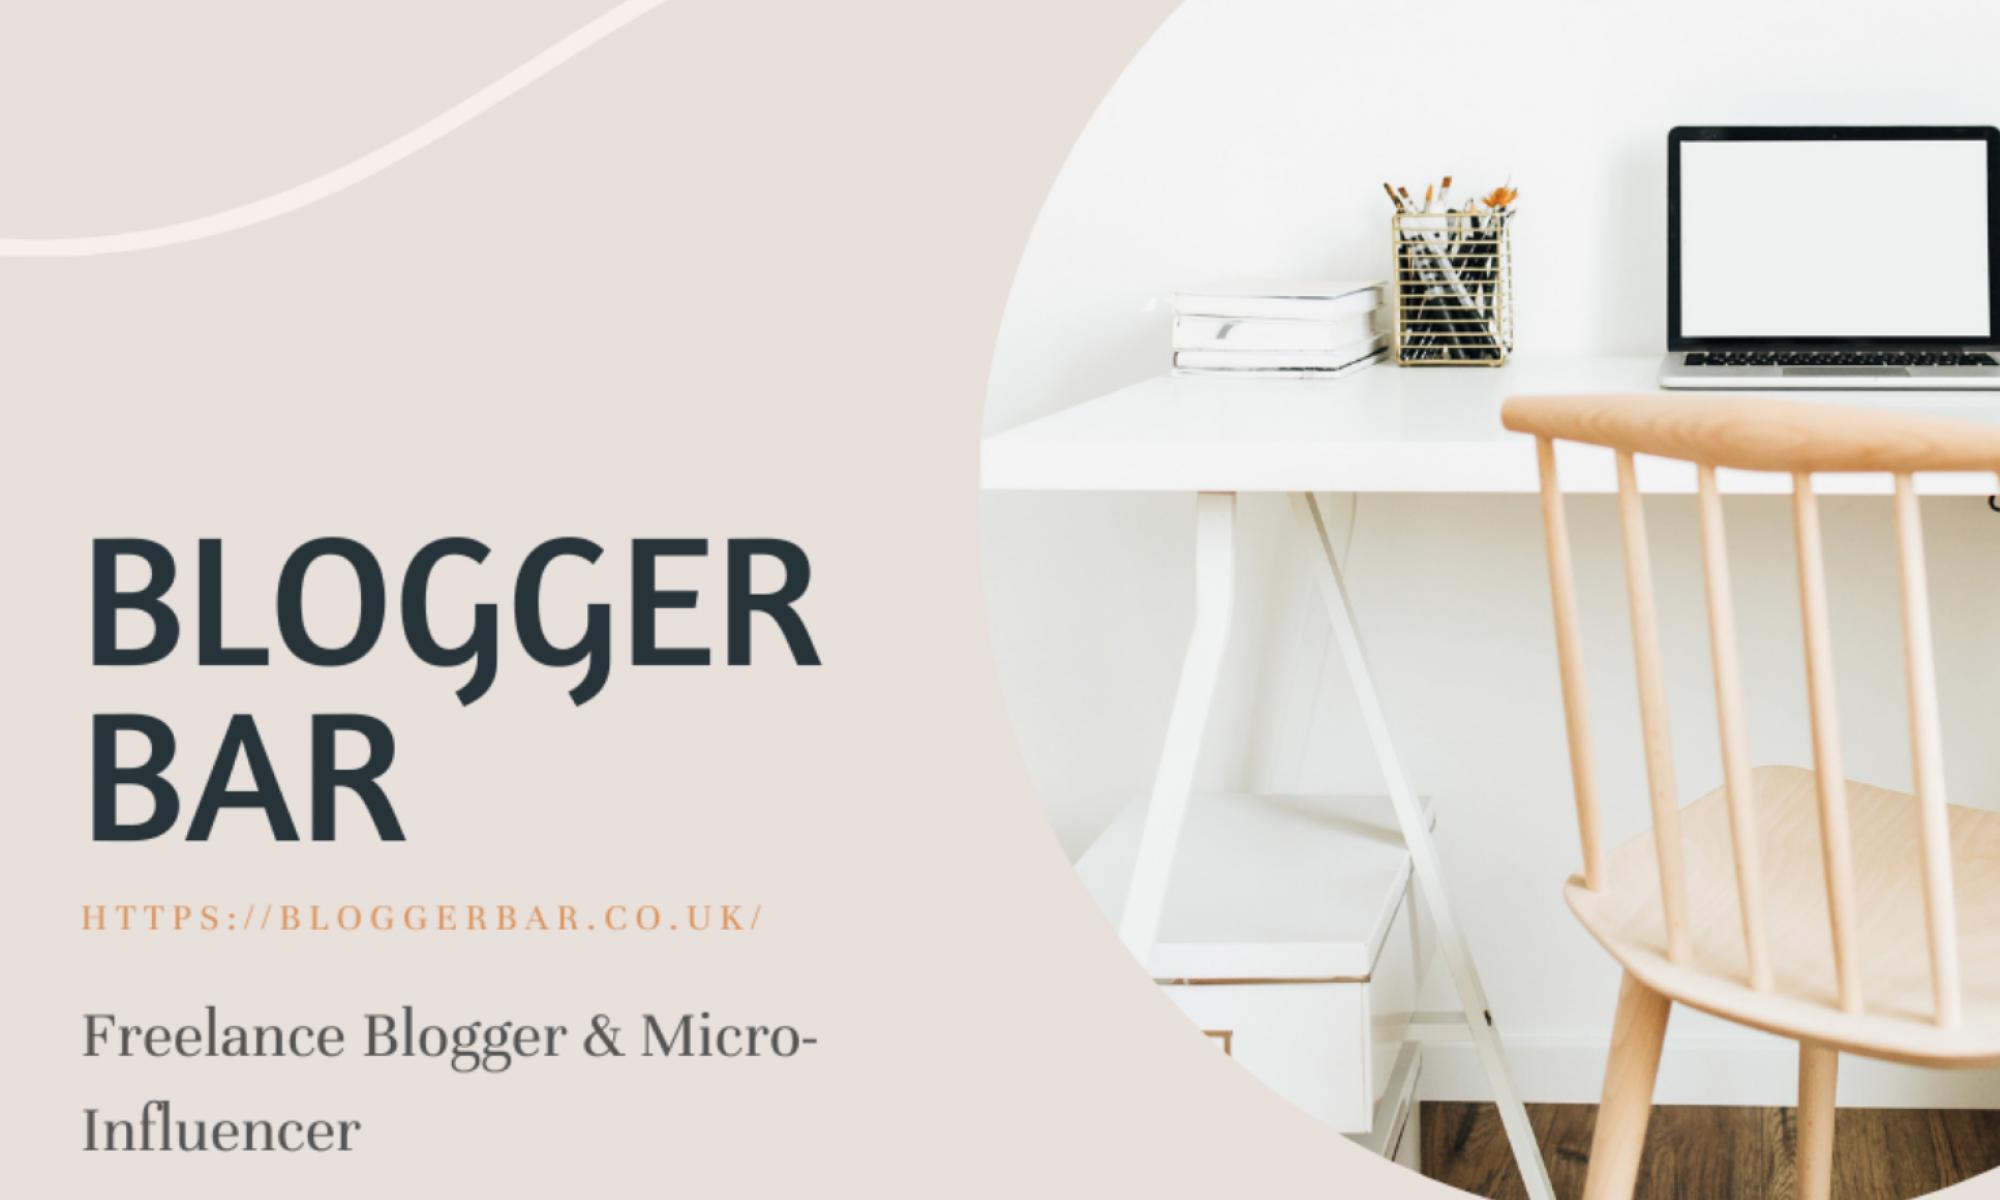 Blogger Bar